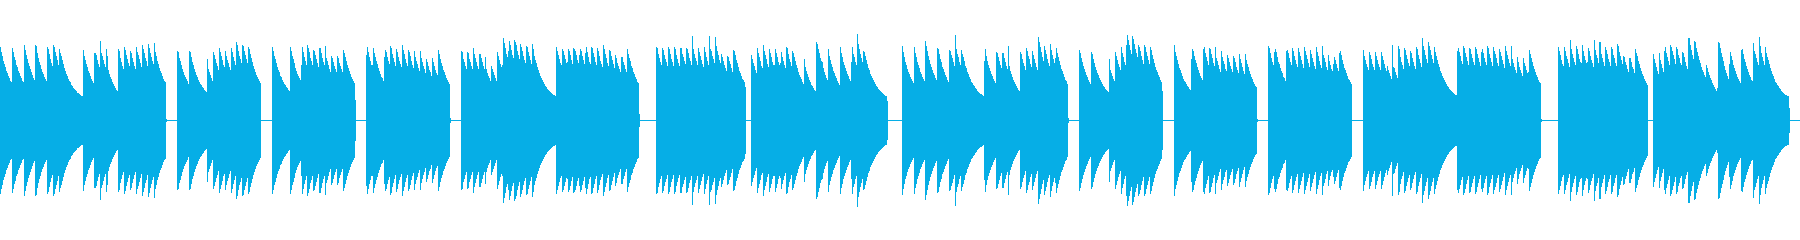 歩行者用信号機の音_とおりゃんせ_02+の再生済みの波形